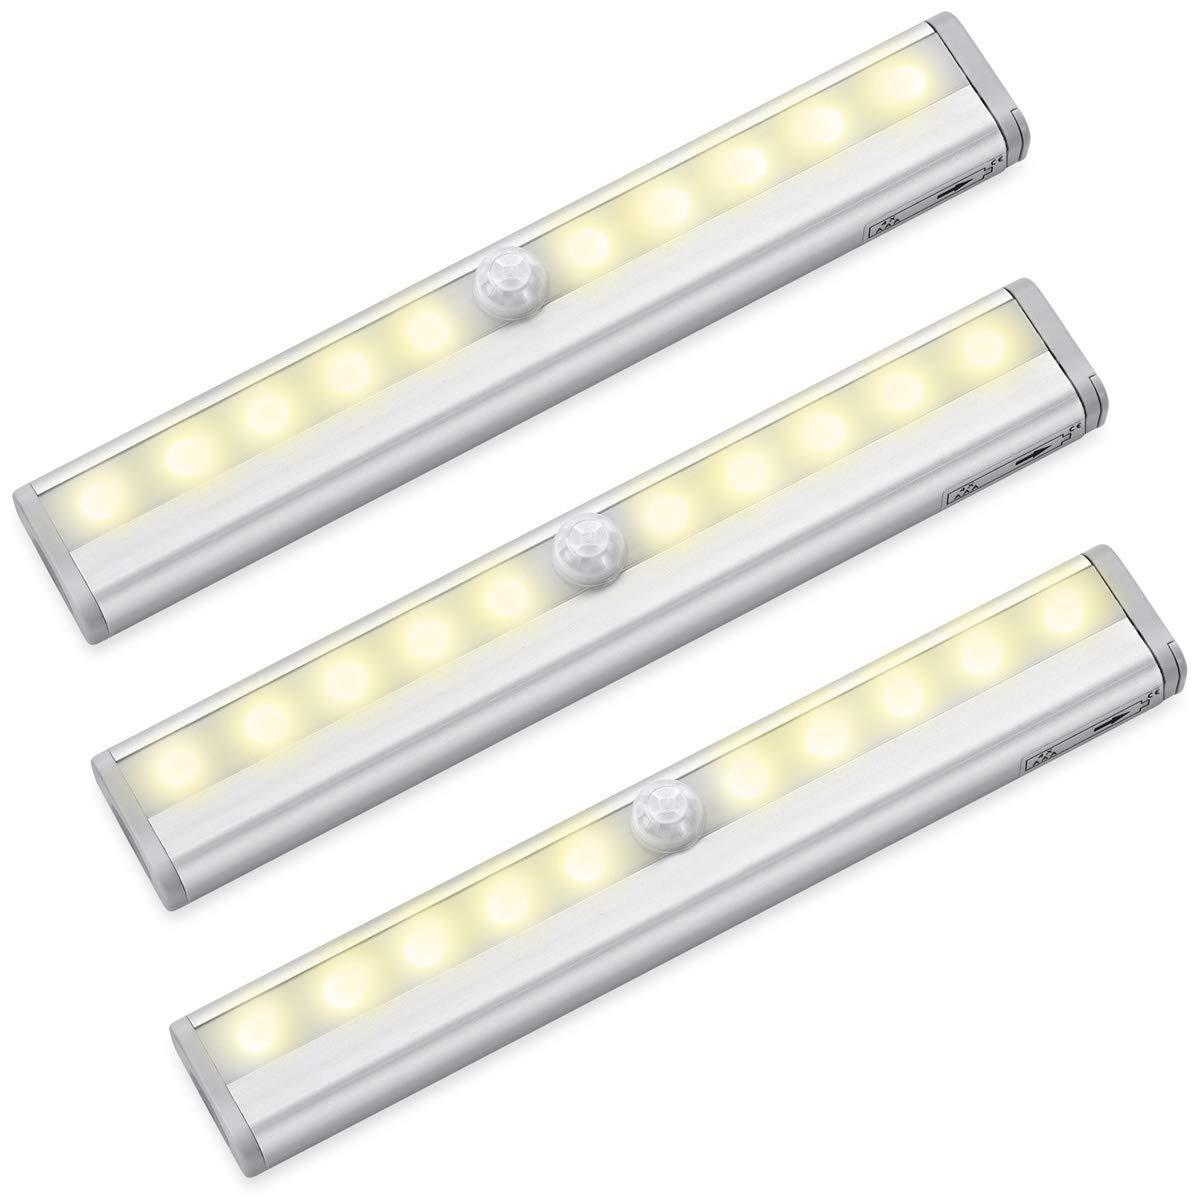 Color Blanco Puro 10 LED, 3 Unidades de la Marca Criacr AMIR Barra de luz con Sensor de Movimiento